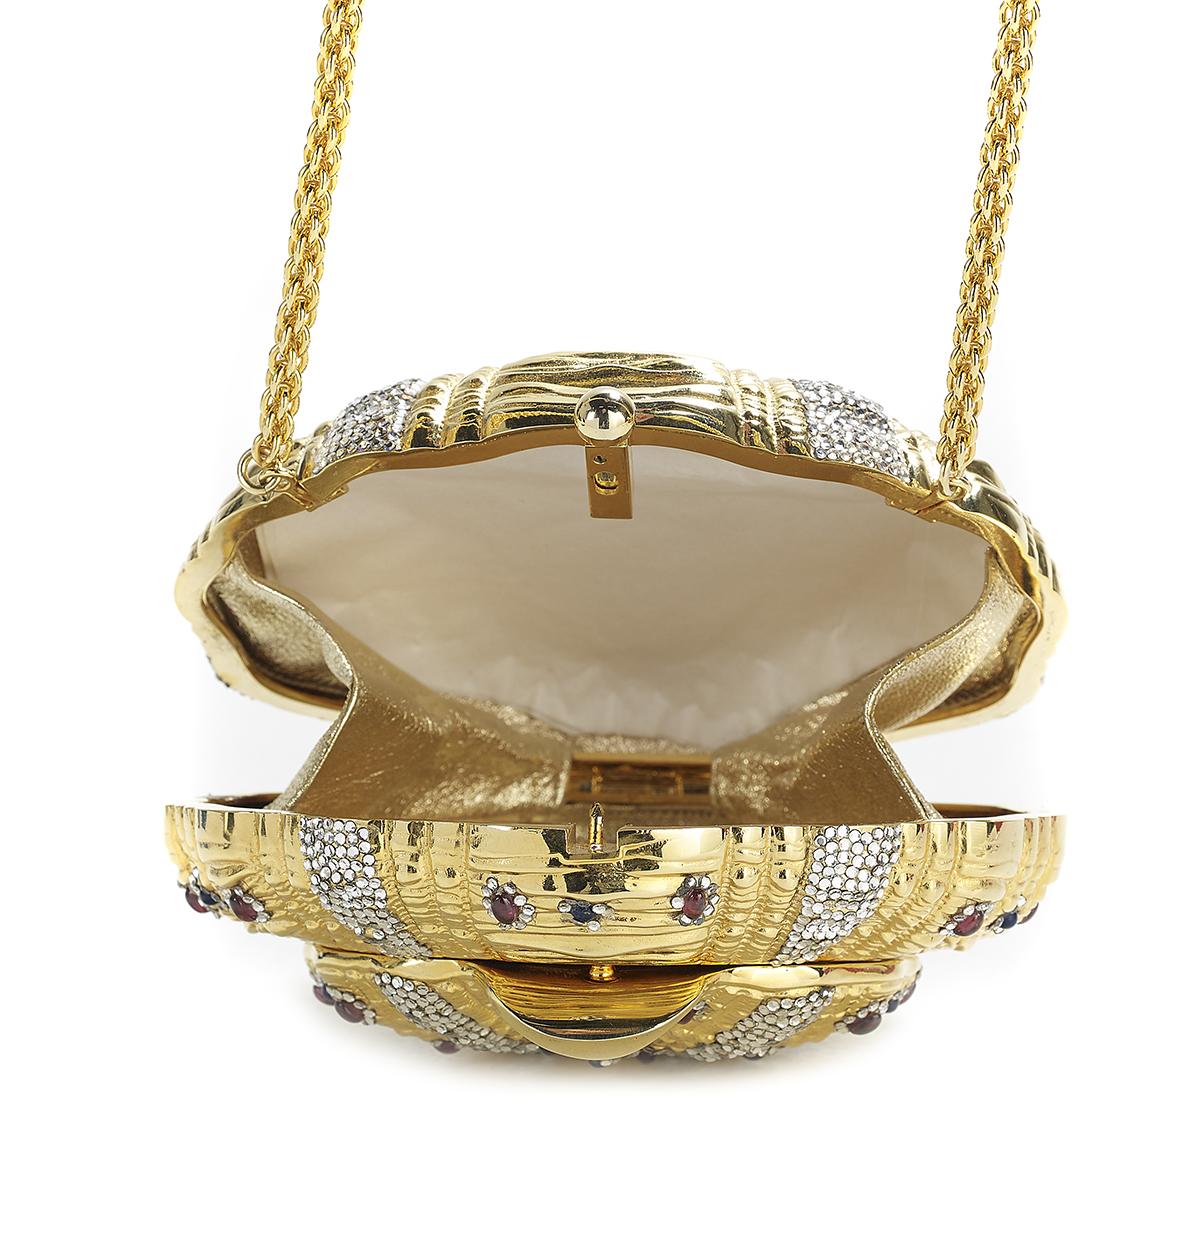 Lot 596 - Vintage Judith Leiber Jeweled Minaudiere